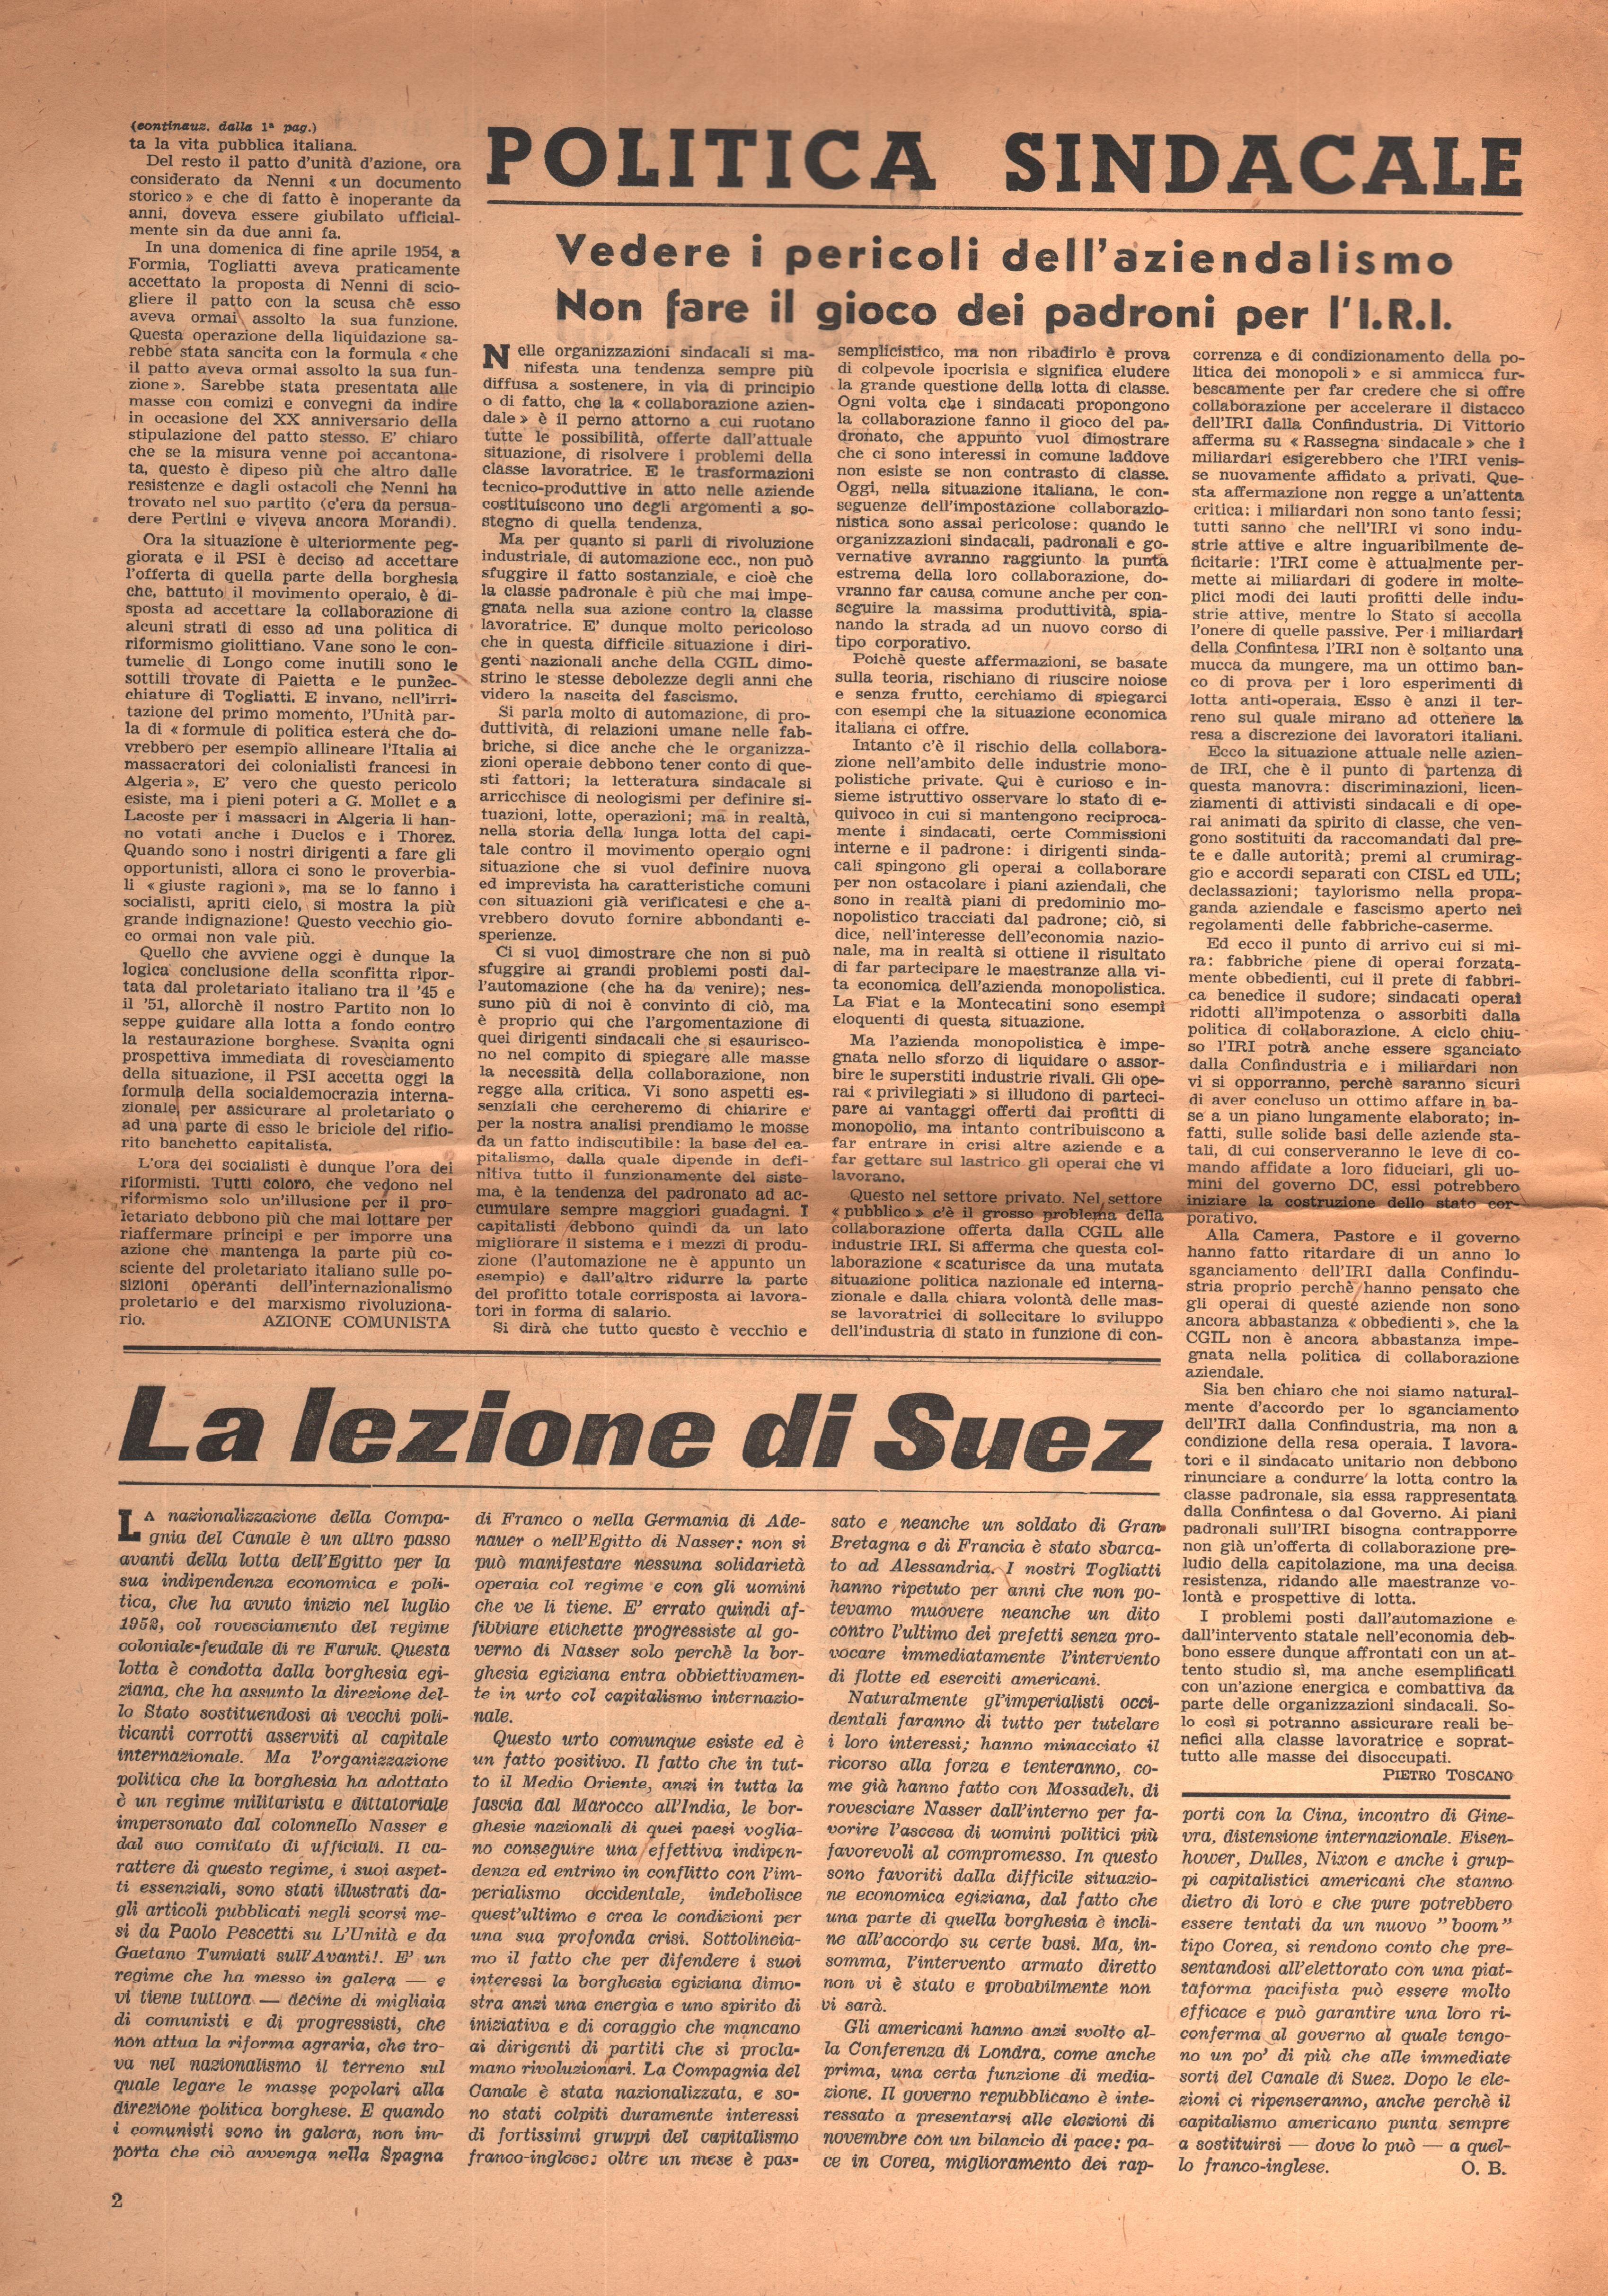 Azione Comunista 4 - pag. 2